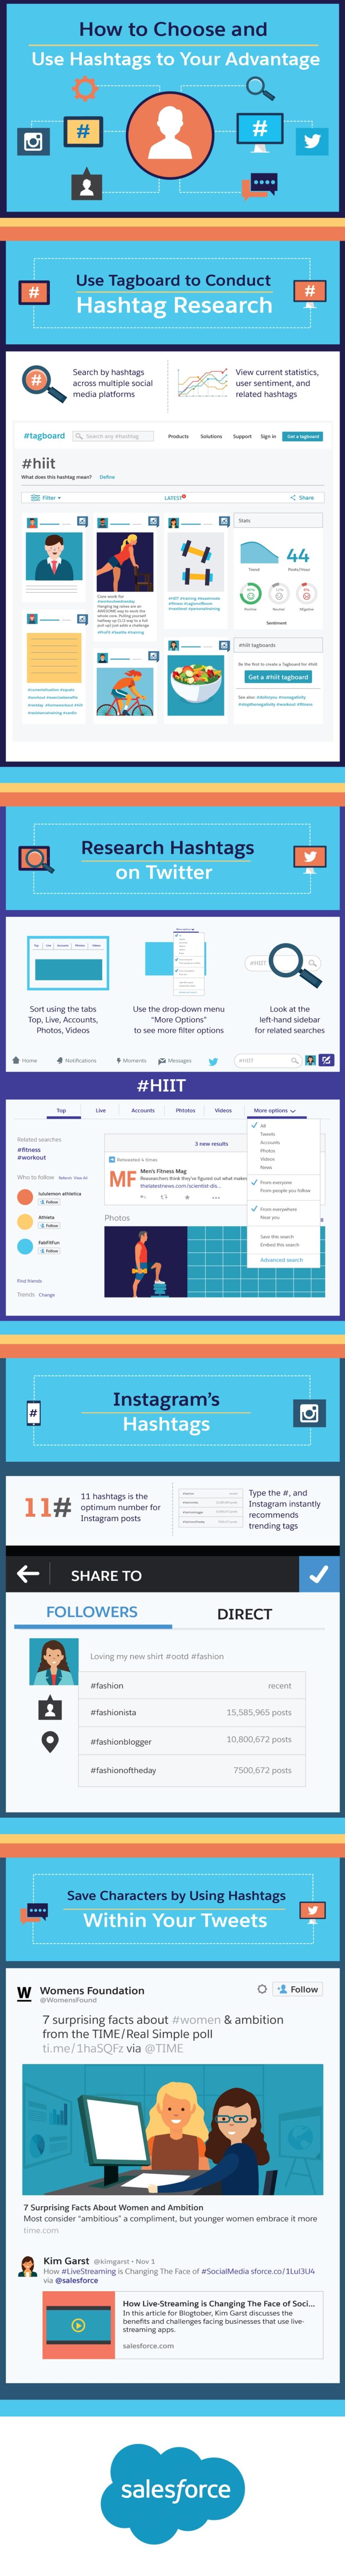 Cómo elegir y usar hashtags con éxito